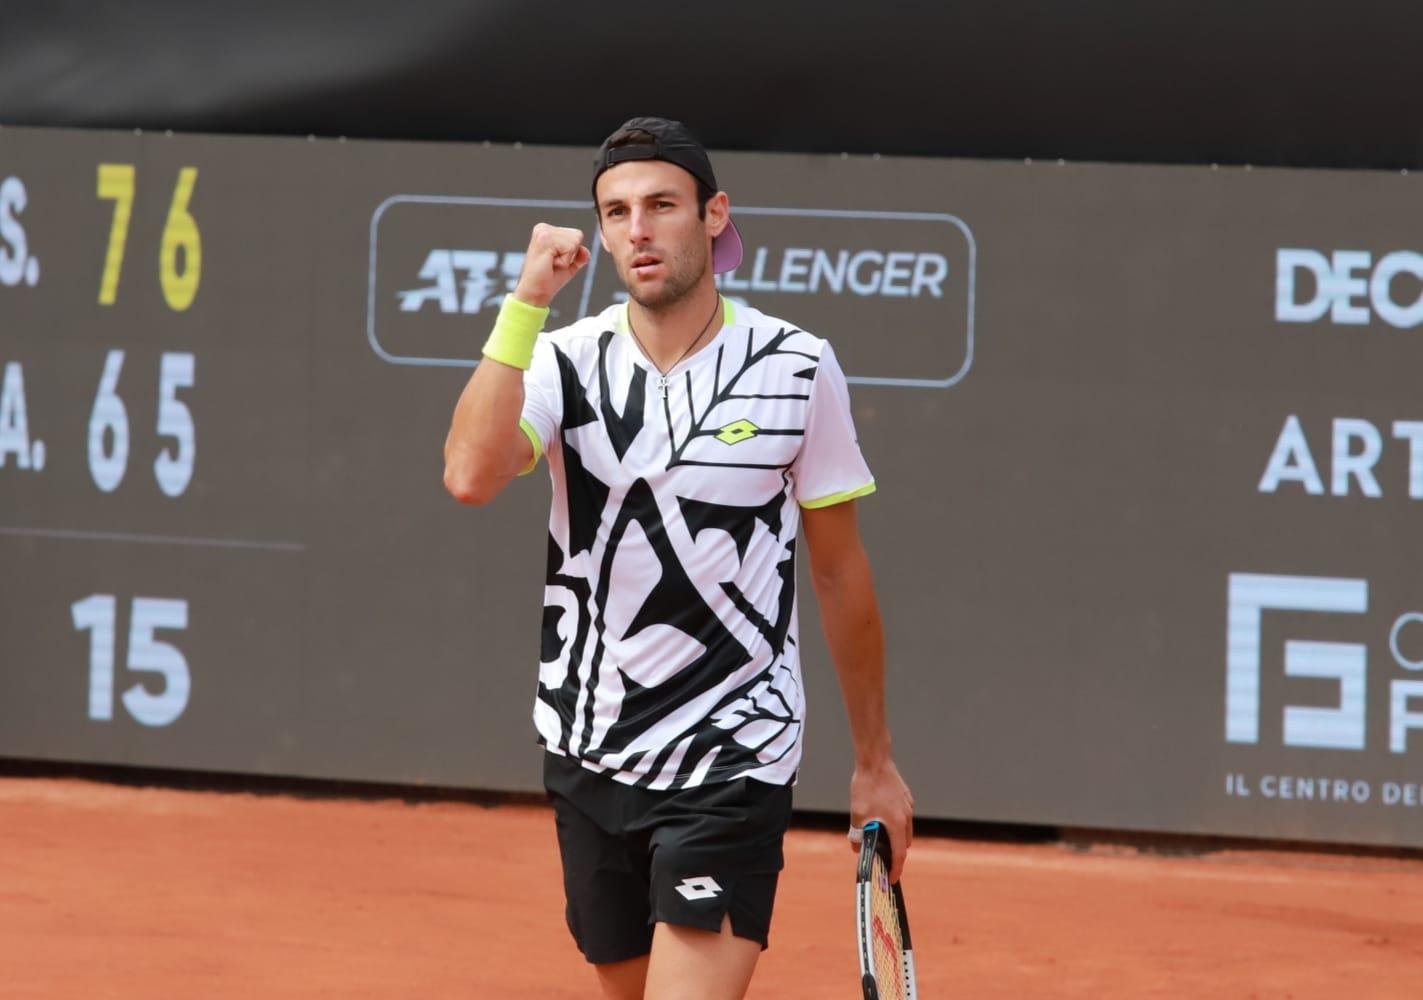 Tennis Napoli Cup, Stefano Travaglia e Andrea Pellegrino in semifinale